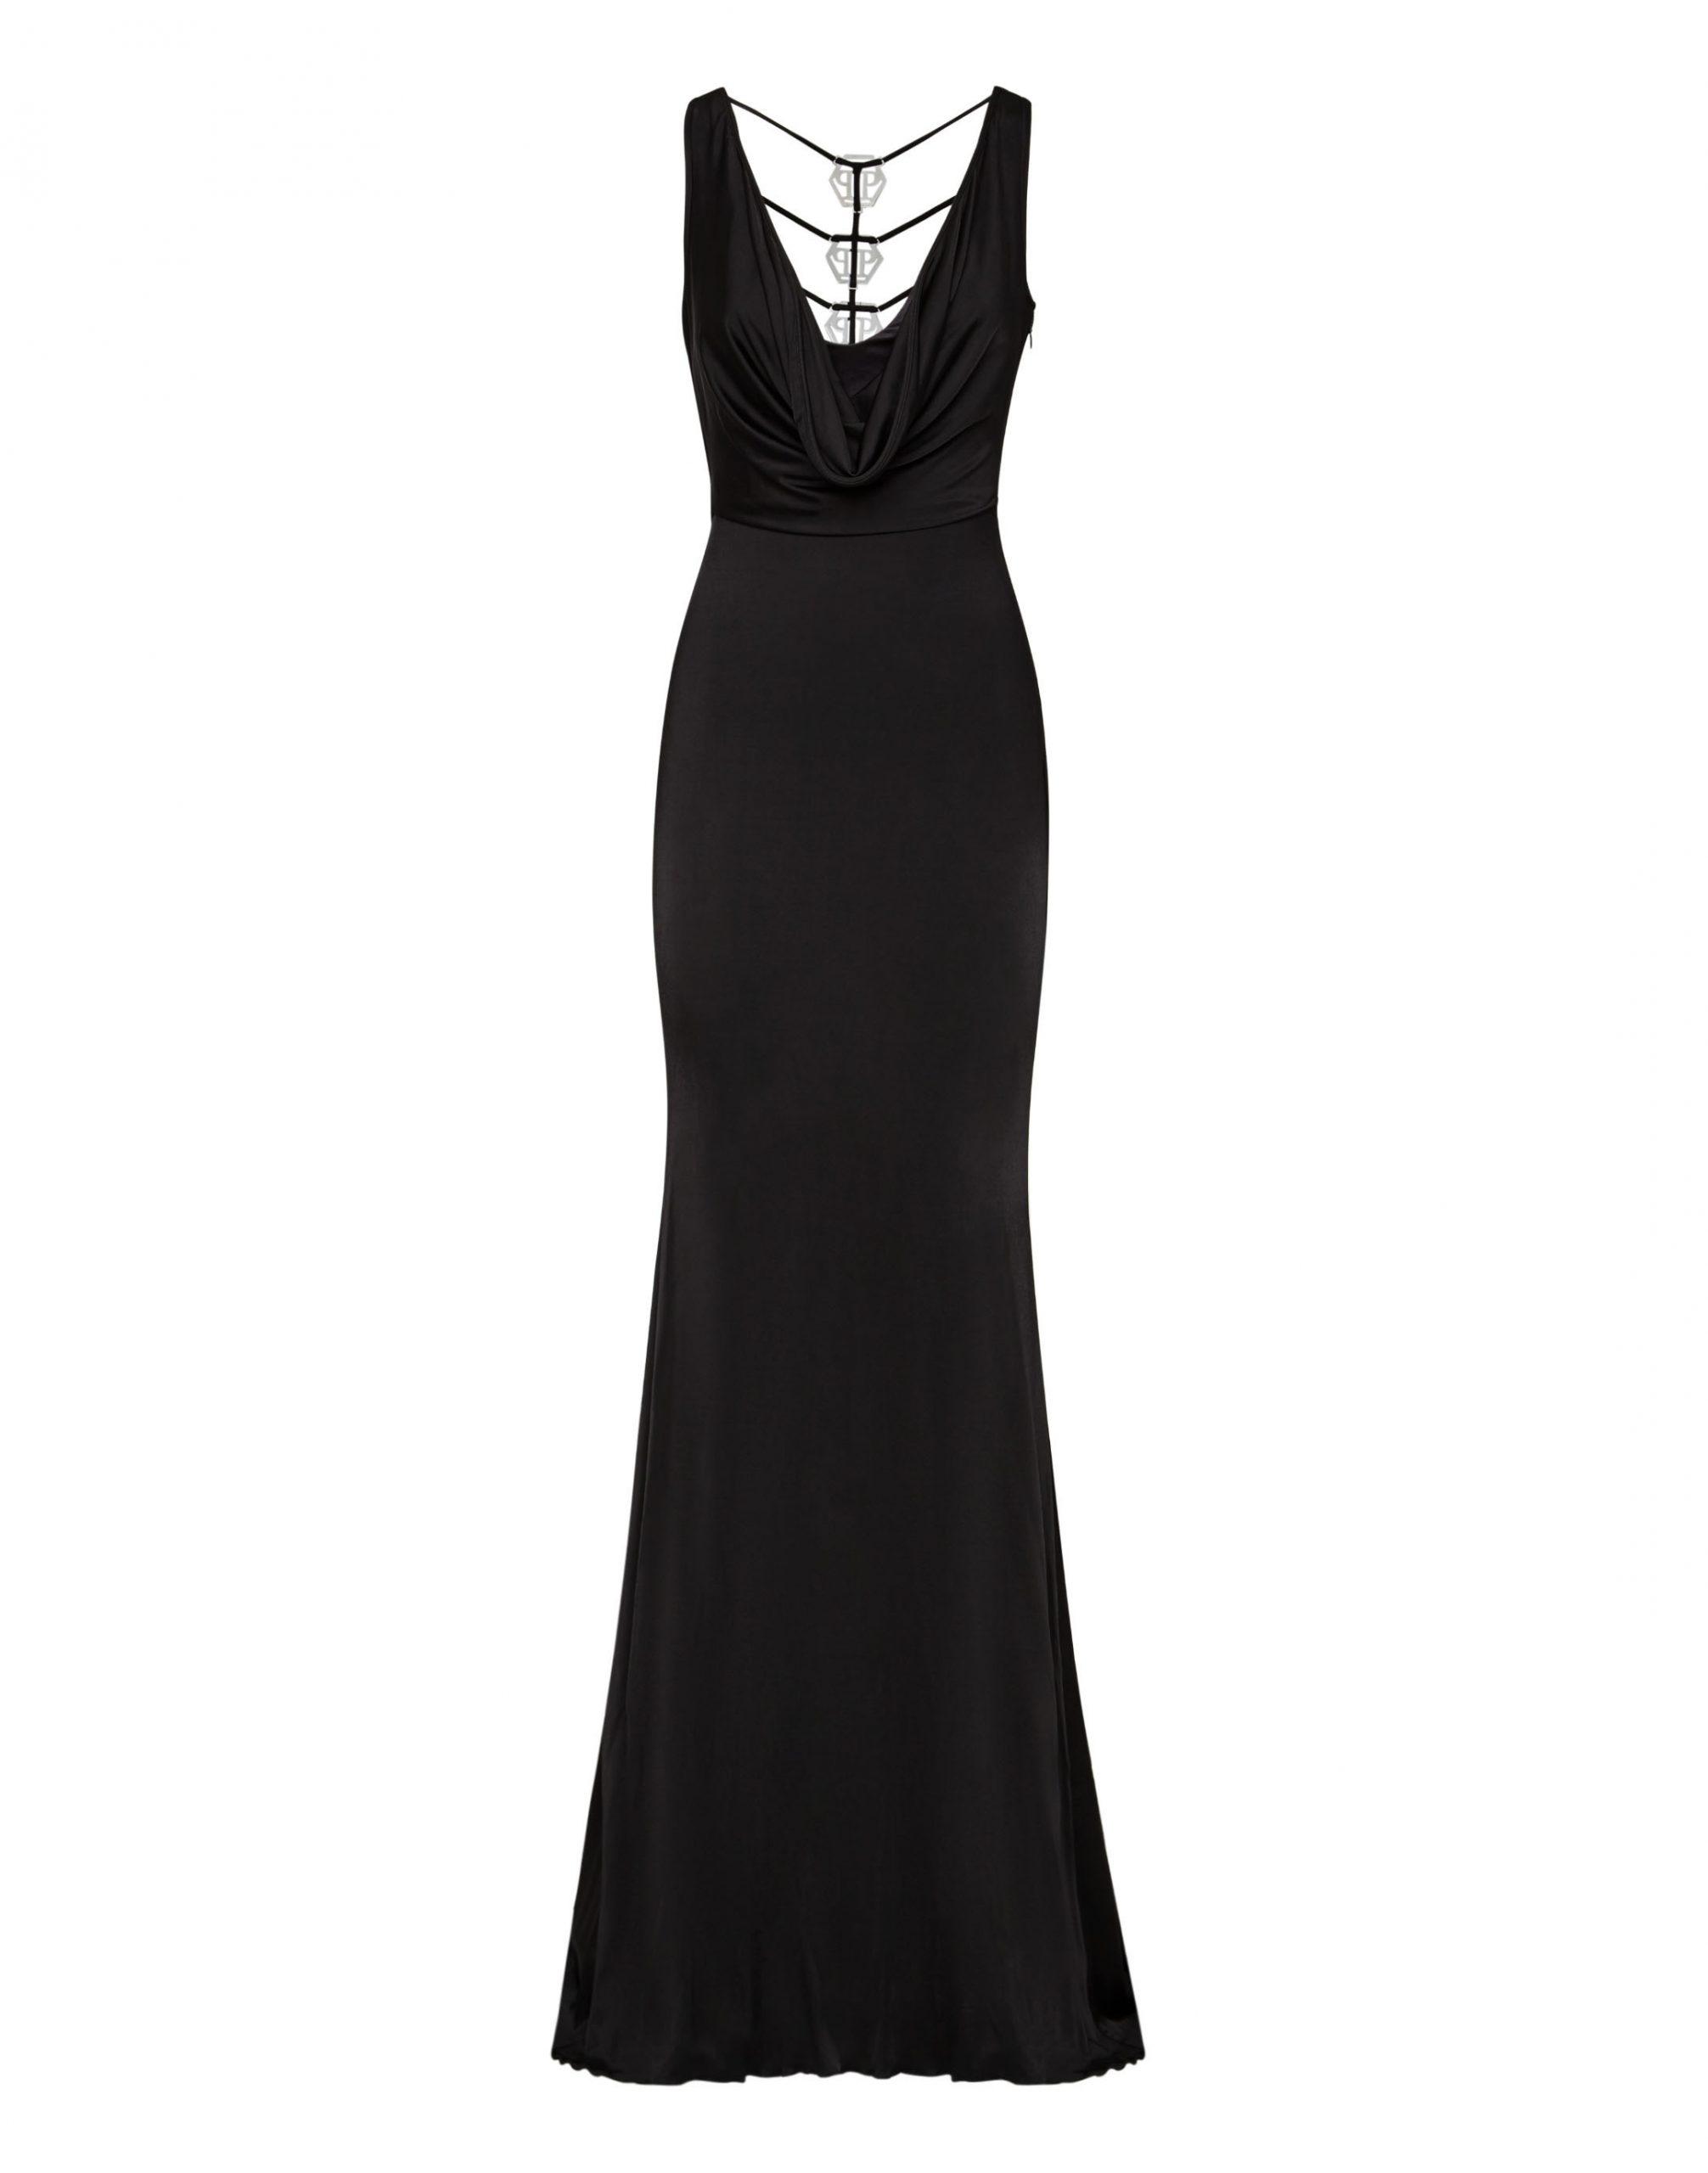 Abend Schön Abend Kleid Elegant Ärmel10 Genial Abend Kleid Elegant Spezialgebiet